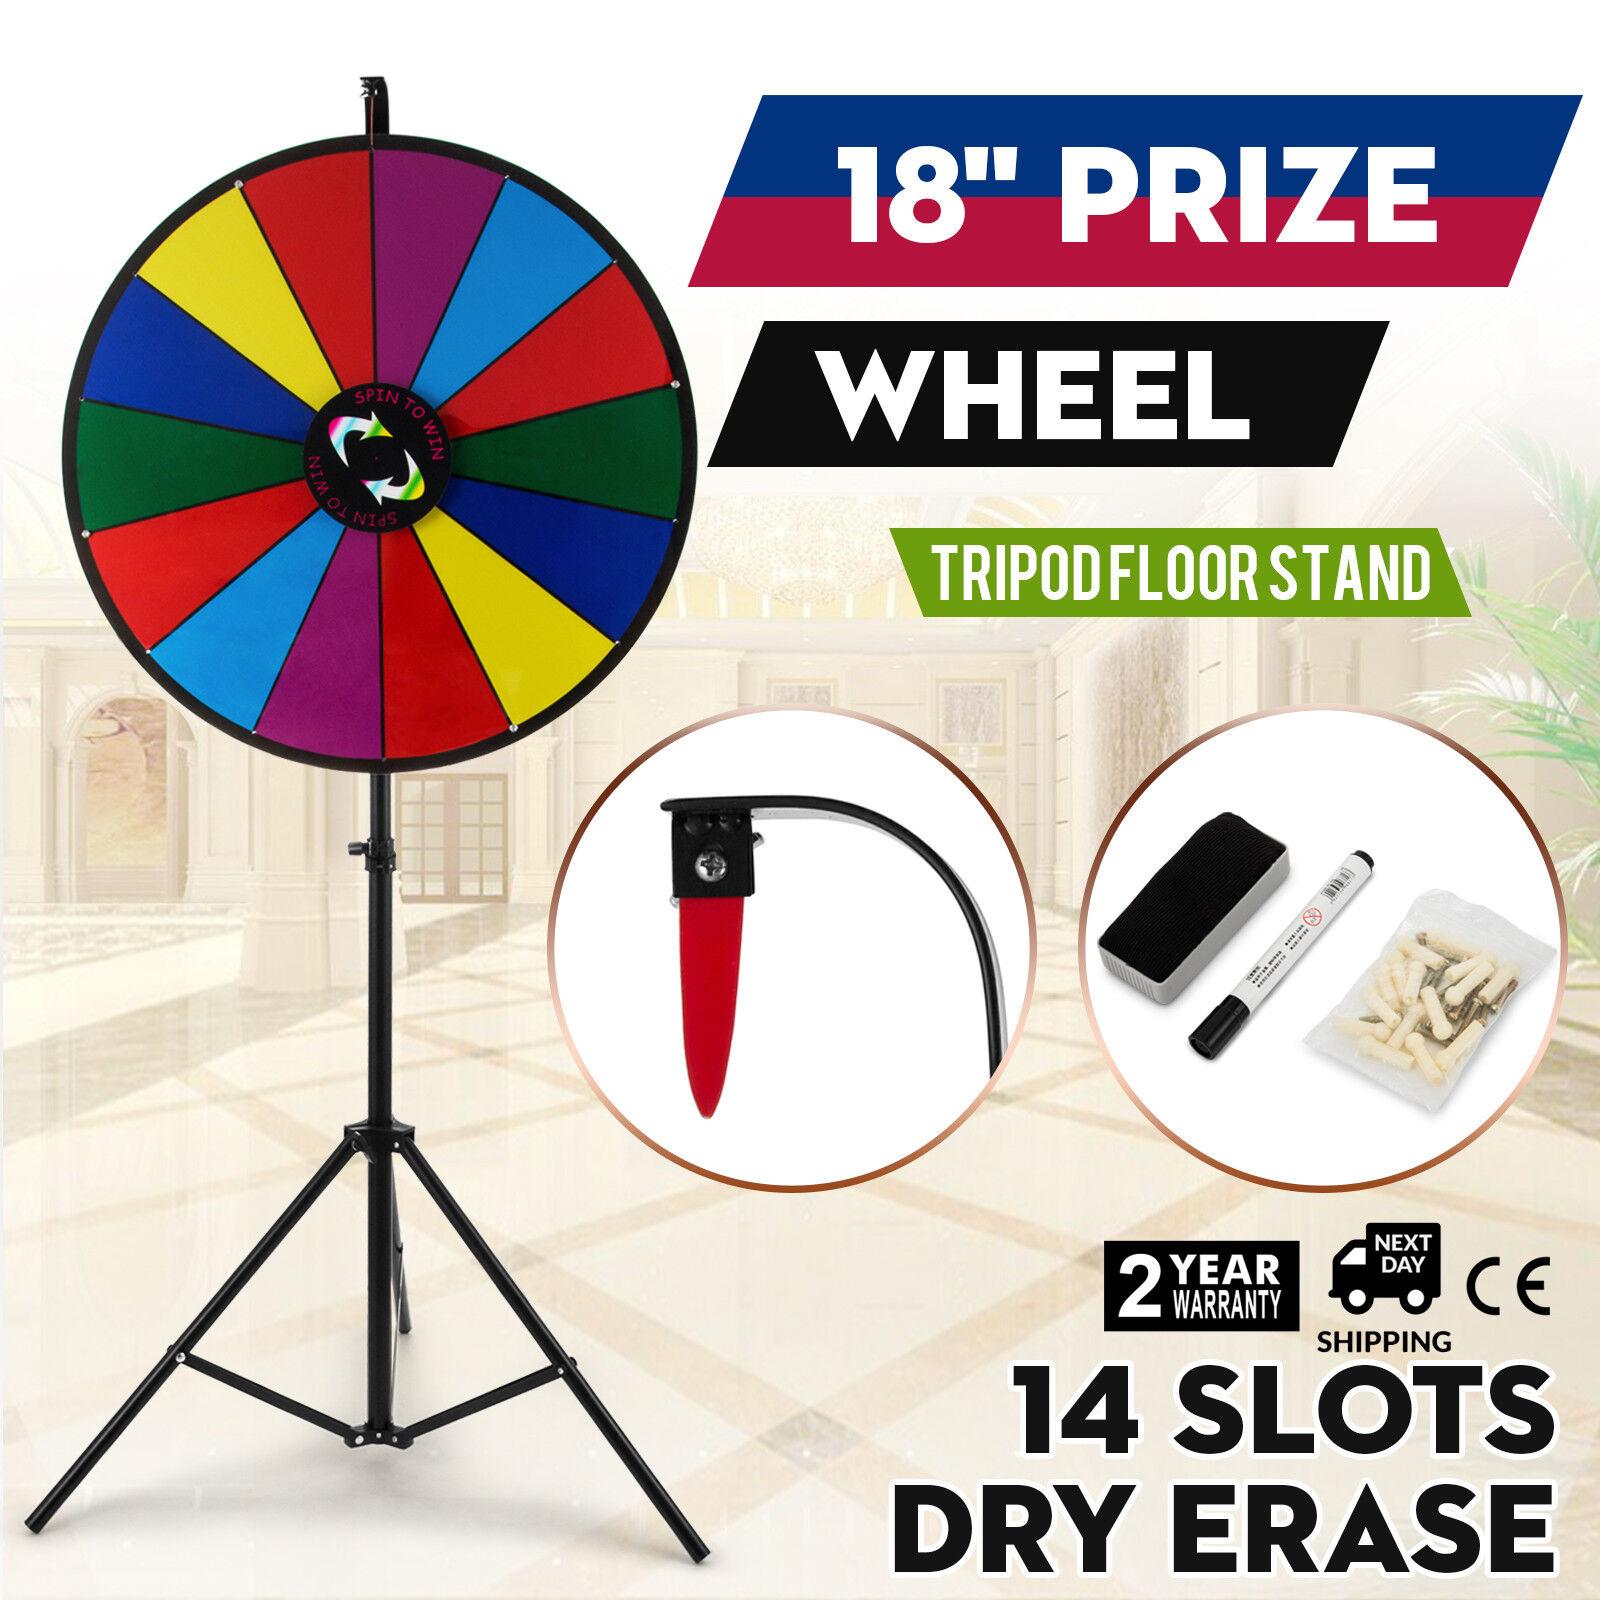 18 pouces la Roue de la Fortune Farbe Prize Wheel φ46cm Fêtes VersiFarbee